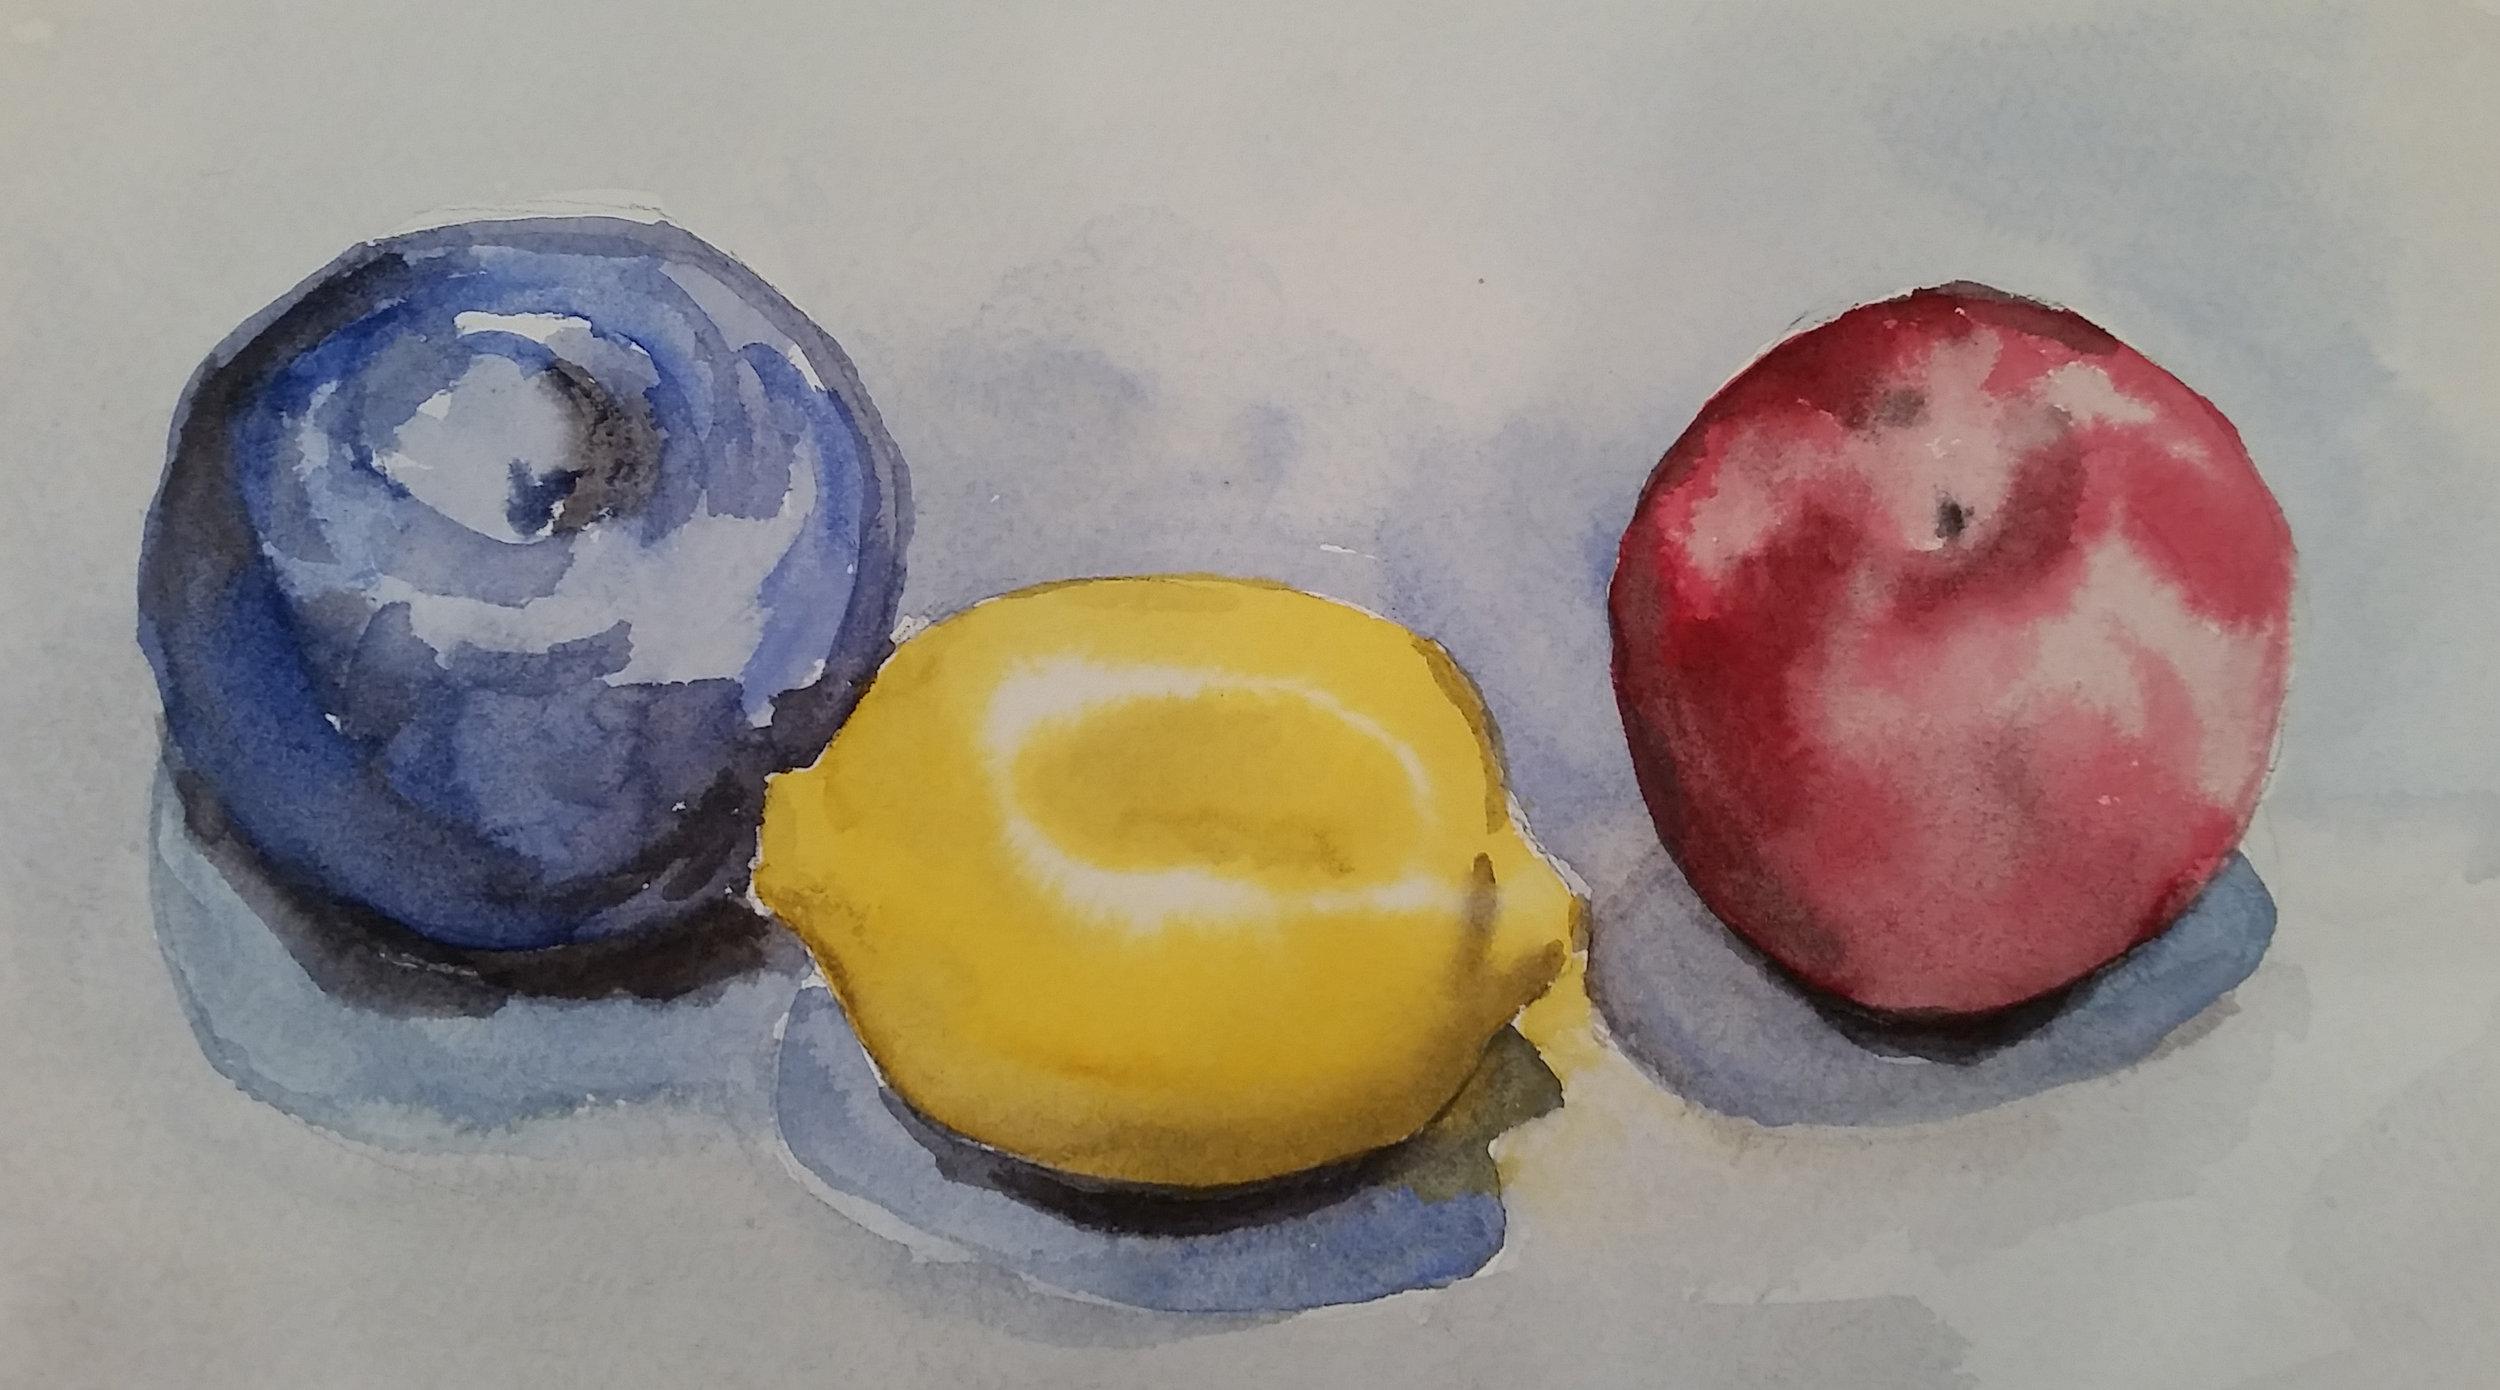 Fruit Lynn crop.jpg